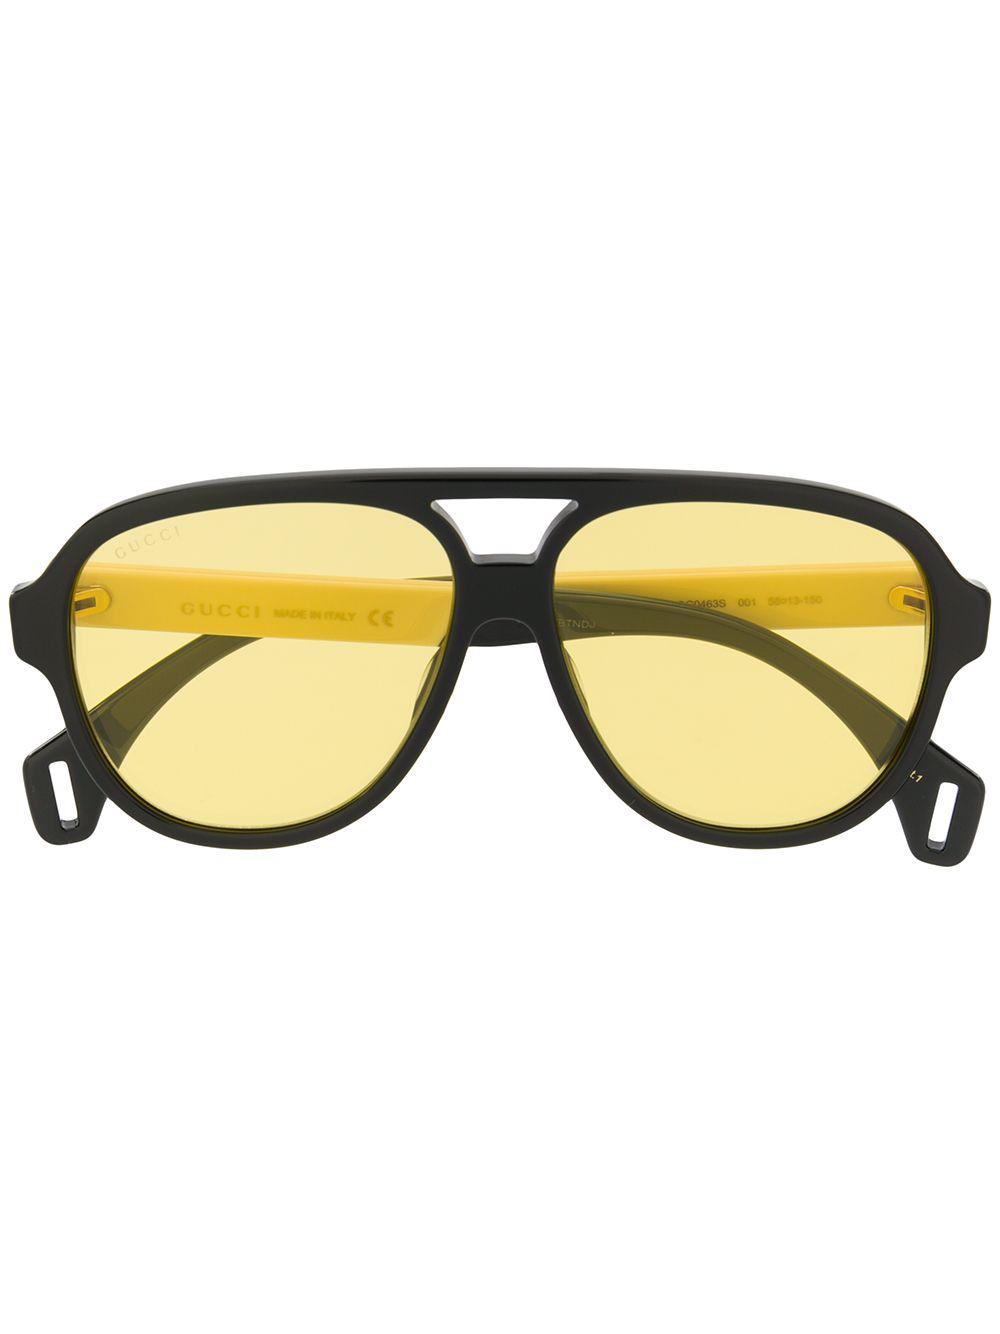 c9d8c2a98a6 Gucci Eyewear Logo Aviator Sunglasses - Black. Farfetch